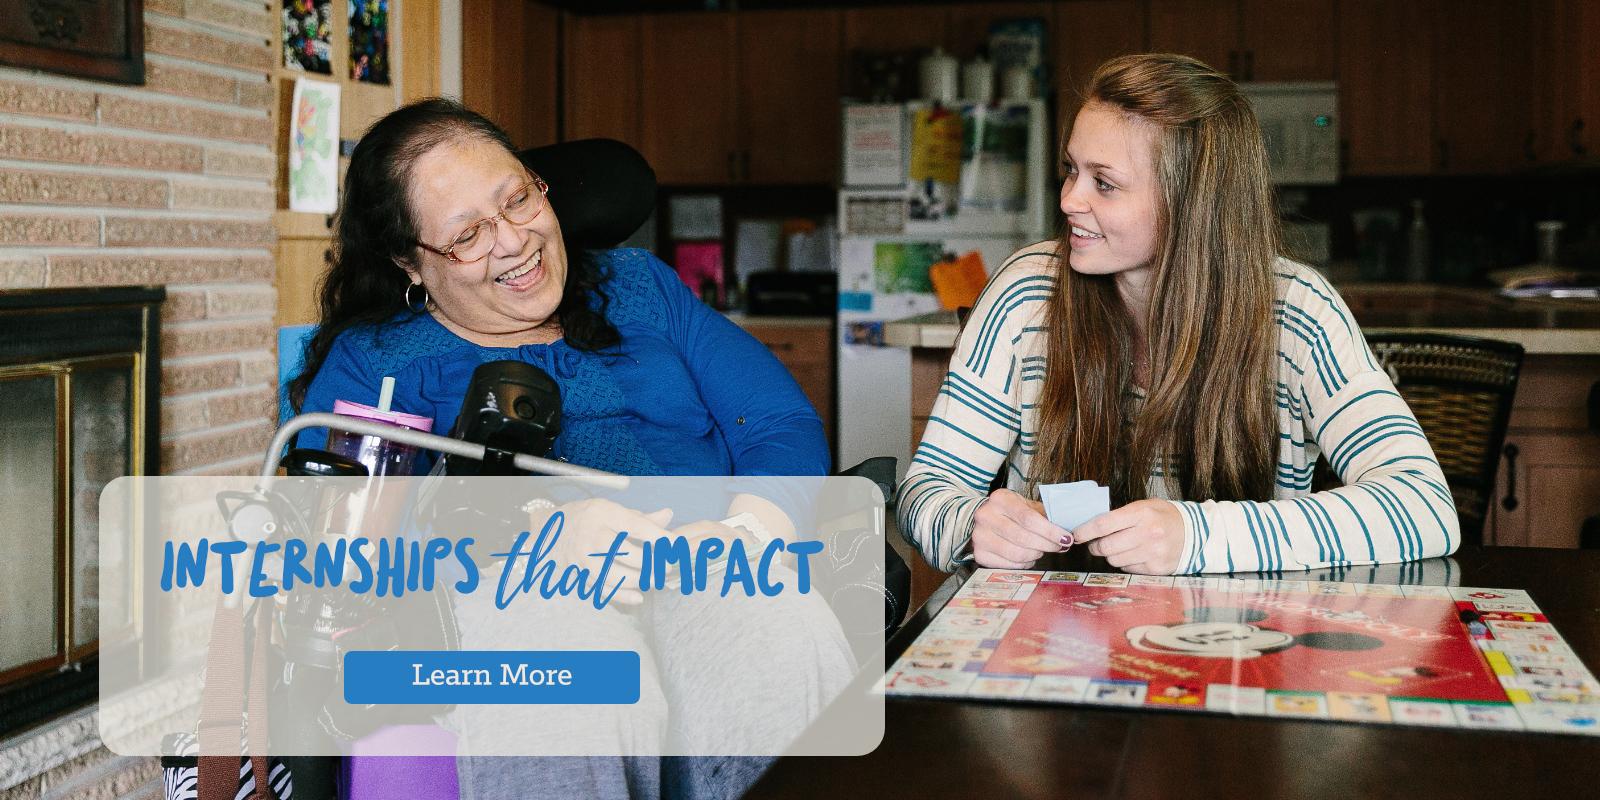 Internships that Impact